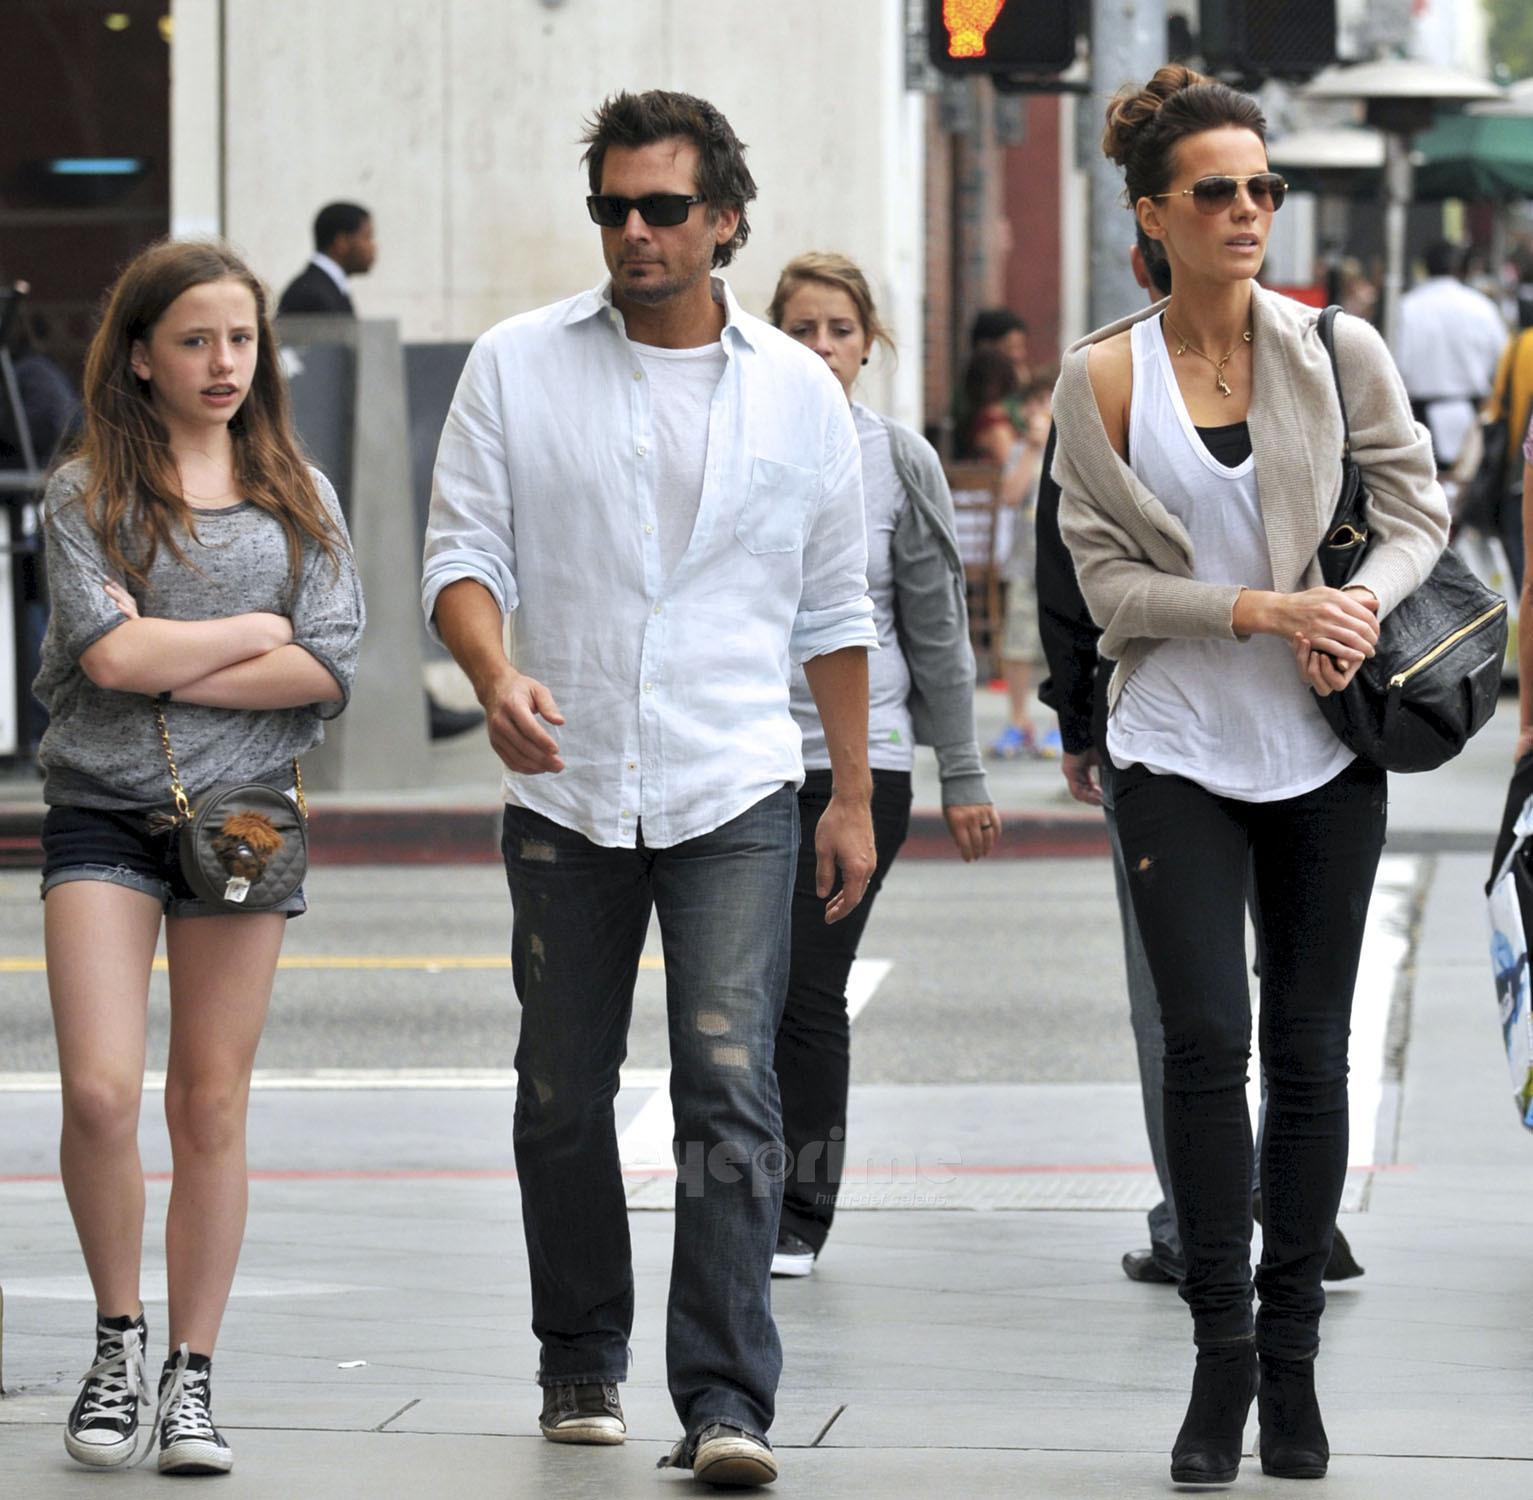 Кейт бекинсейл с детьми фото